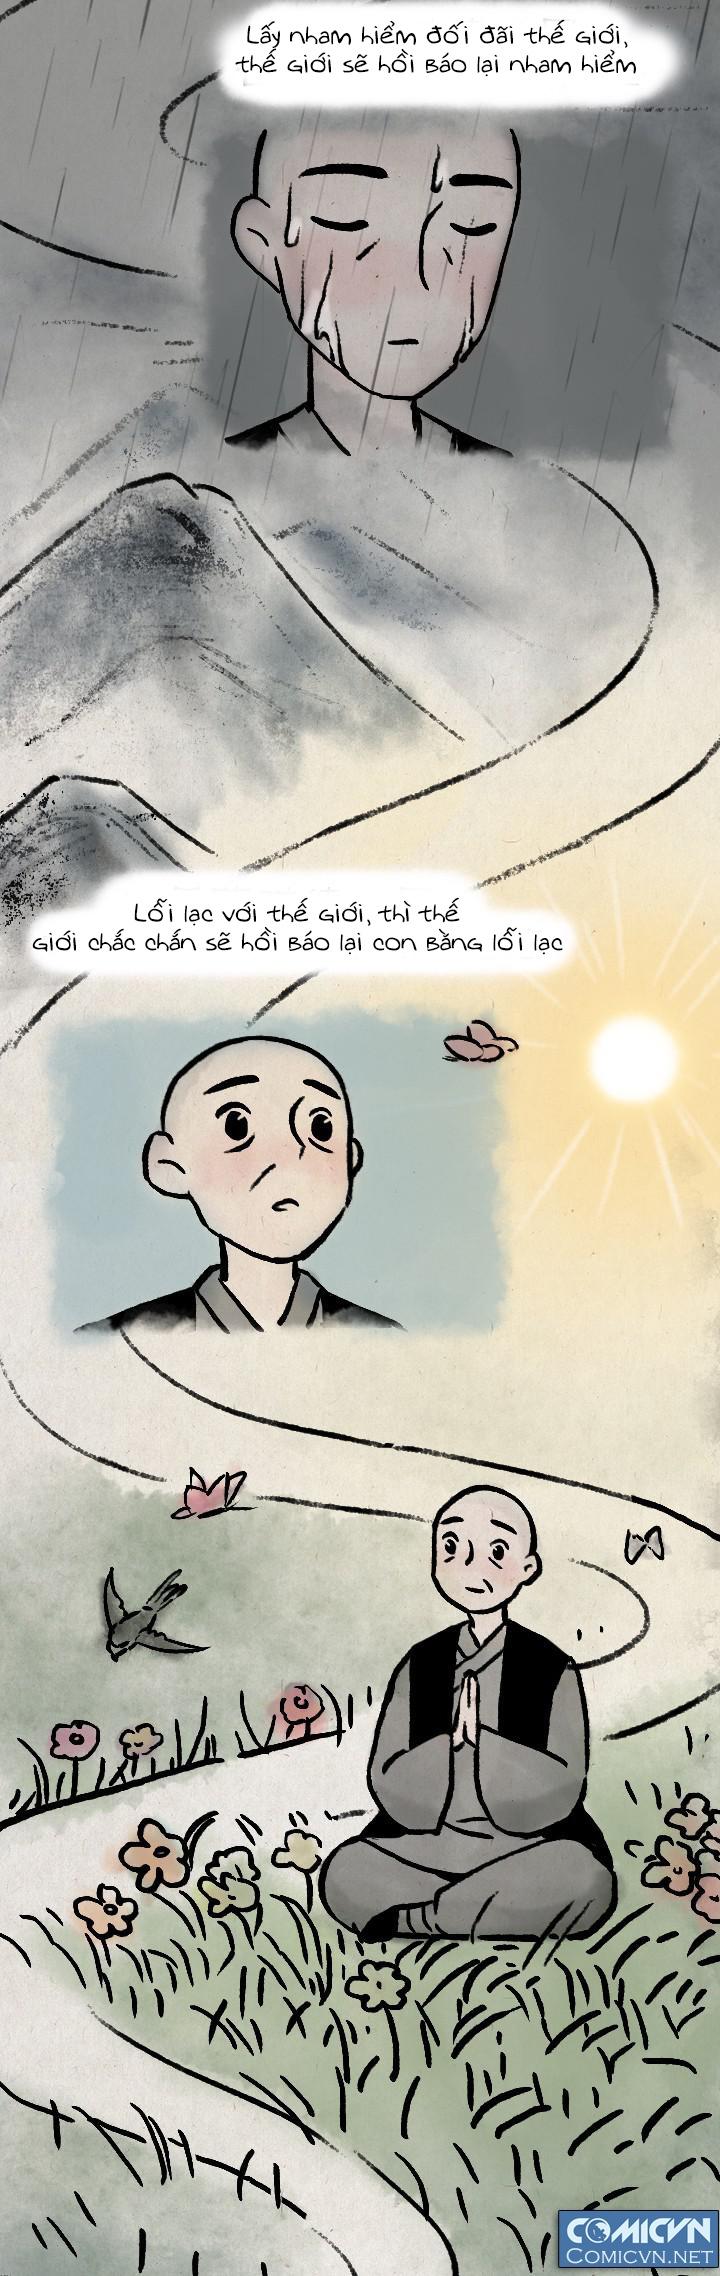 Nhất Thiền Tiểu Hòa Thượng Chap 71 - Next Chap 72